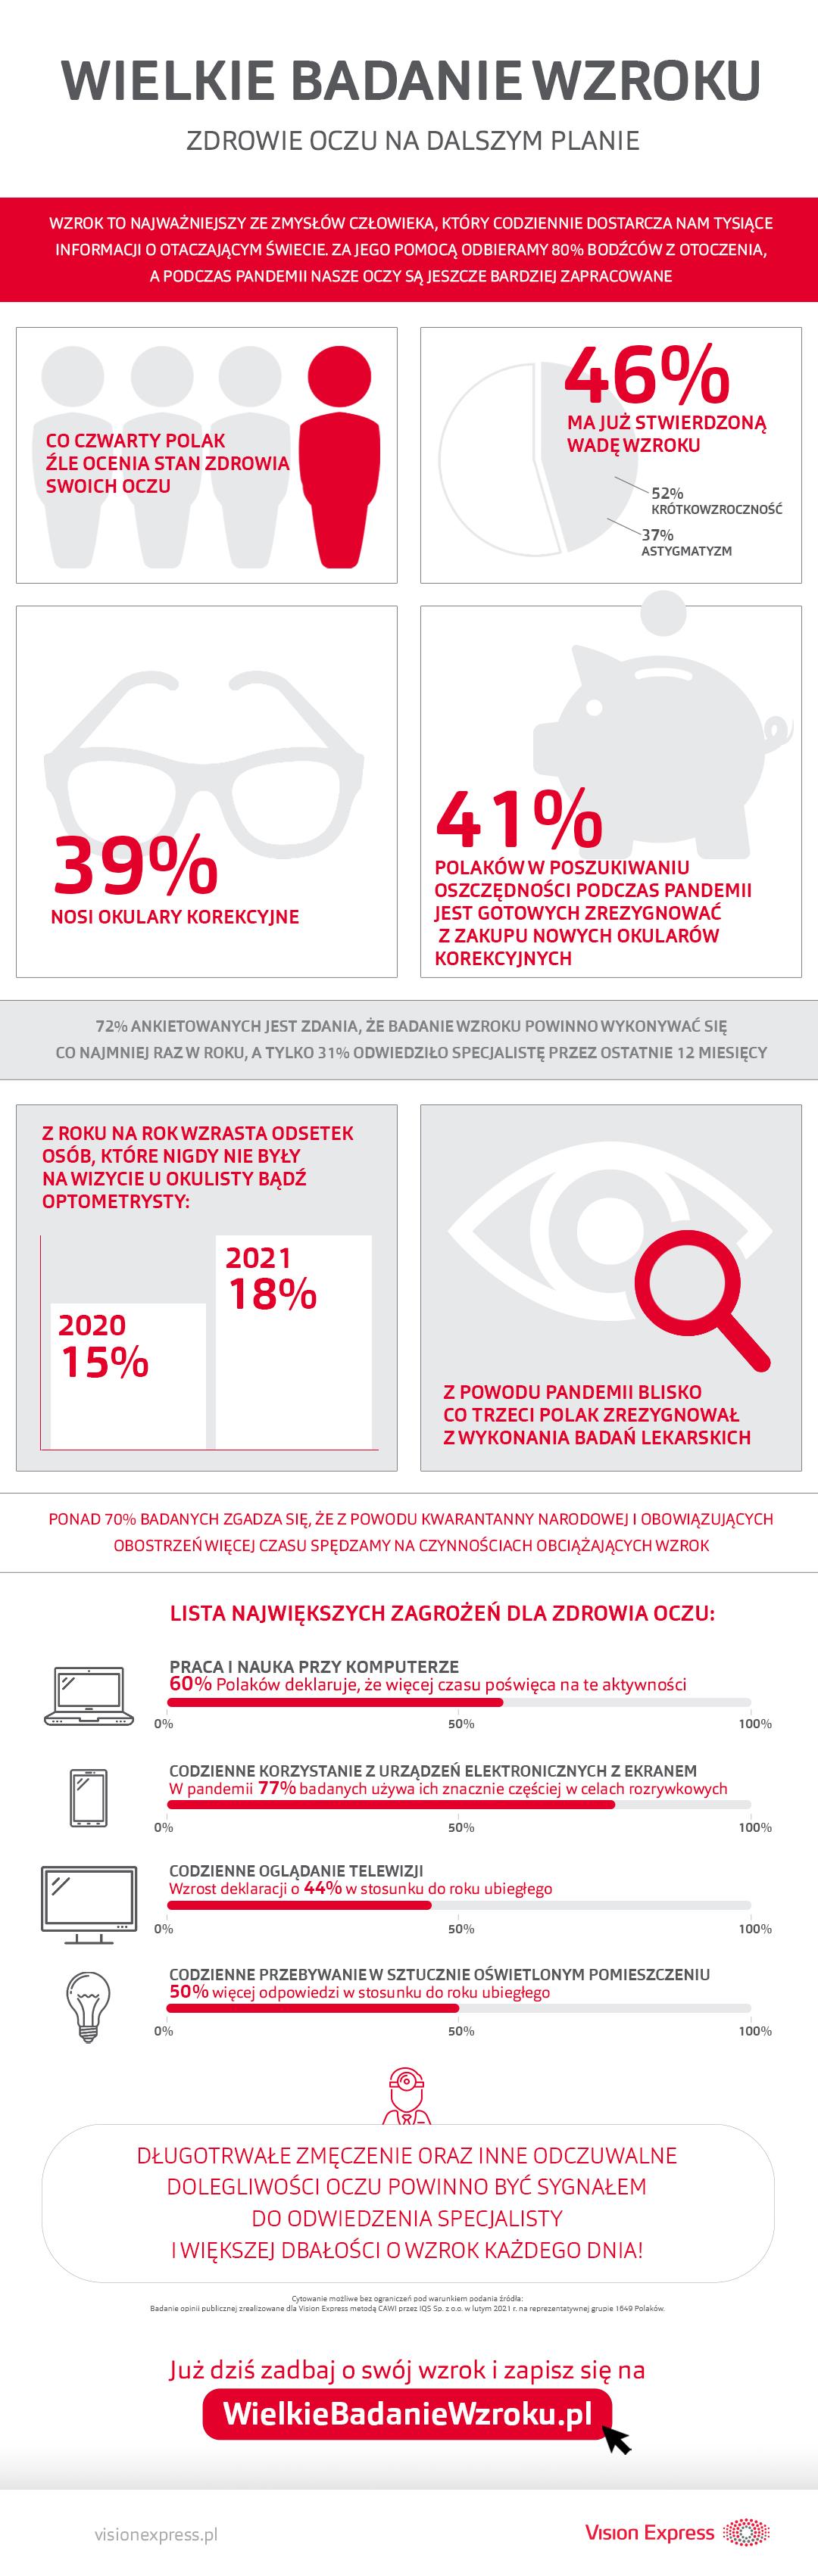 hipoalergiczni-Wielkie-Badanie-Wzroku_2021_Wzrok-w-pandemii-infografika